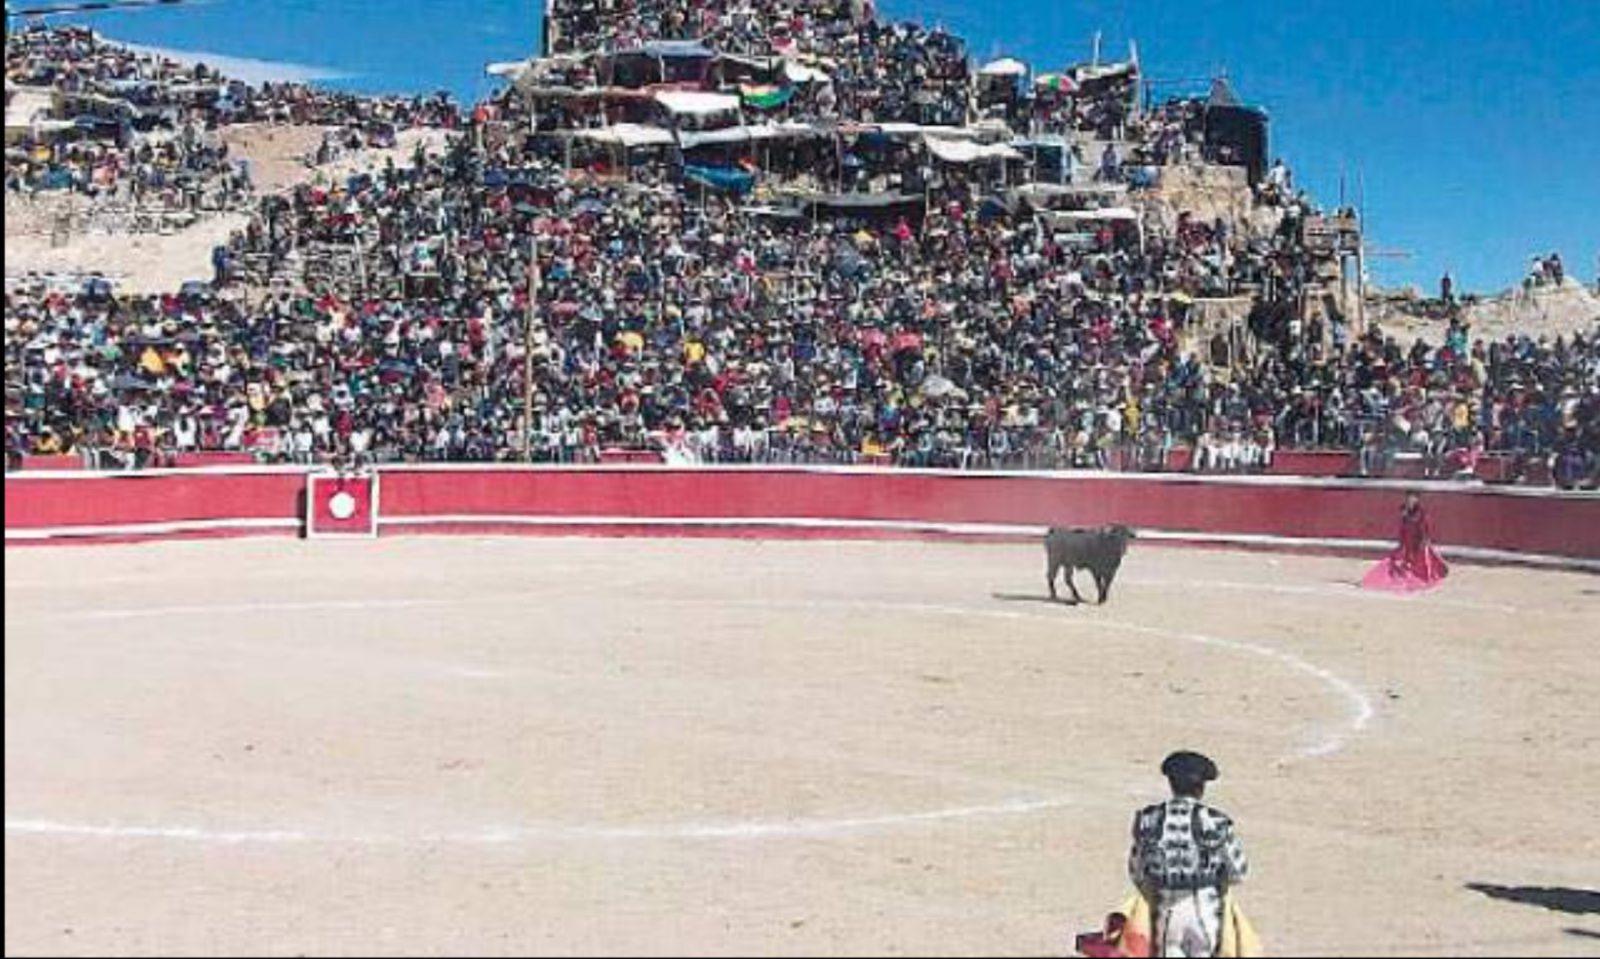 PEROU // Selon une estimation, 1.050.000 spectateurs dans les spectacles taurins contre 839.000 dans les stades de football